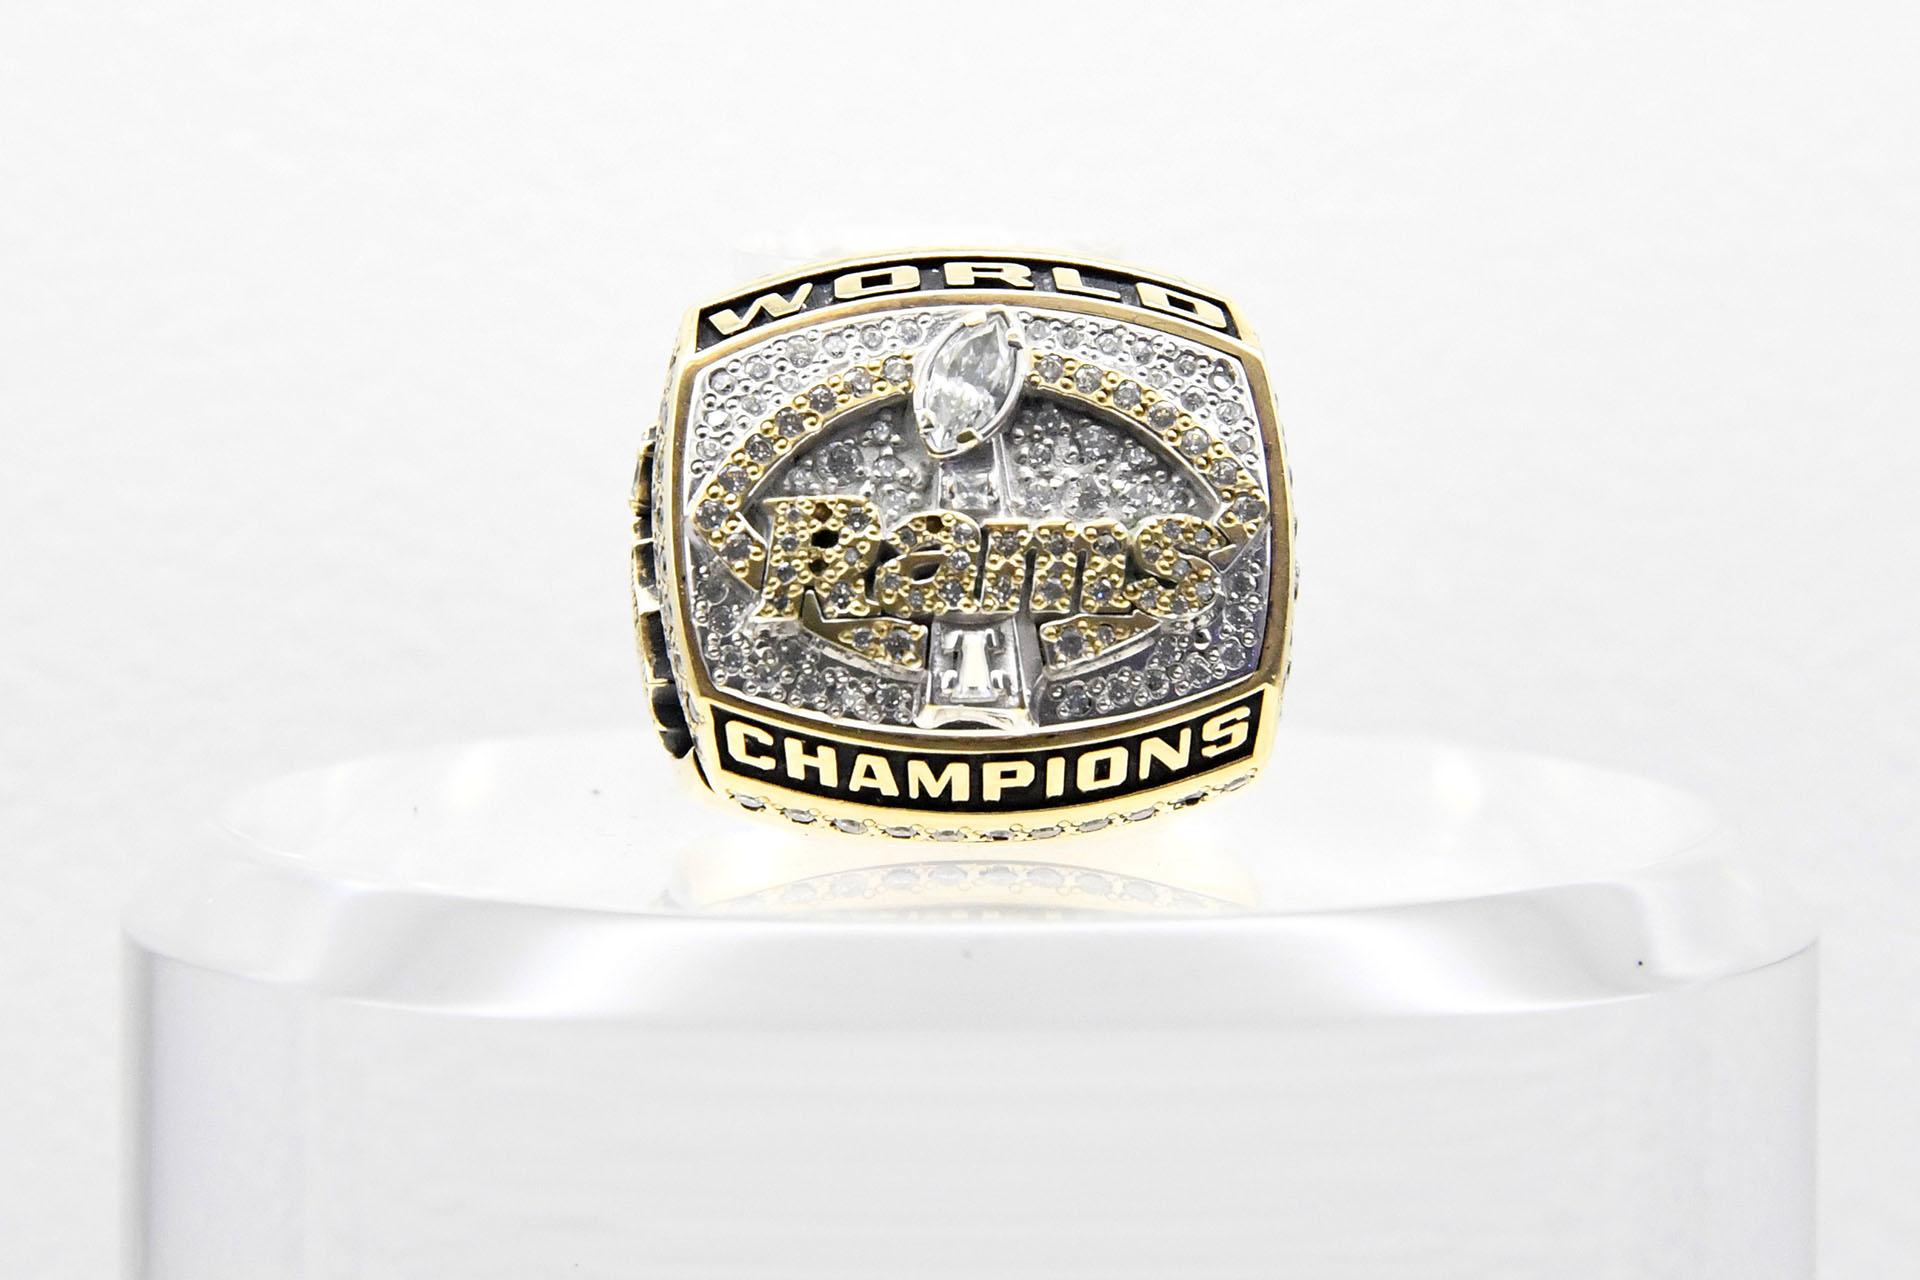 Los primeros ganadores del nuevo milenio fueron los St. Louis Rams que superaron 23-16 a los Tennessee Titans en el Georgia Dome in Atlanta y consiguieron el Super Bowl XXXIV